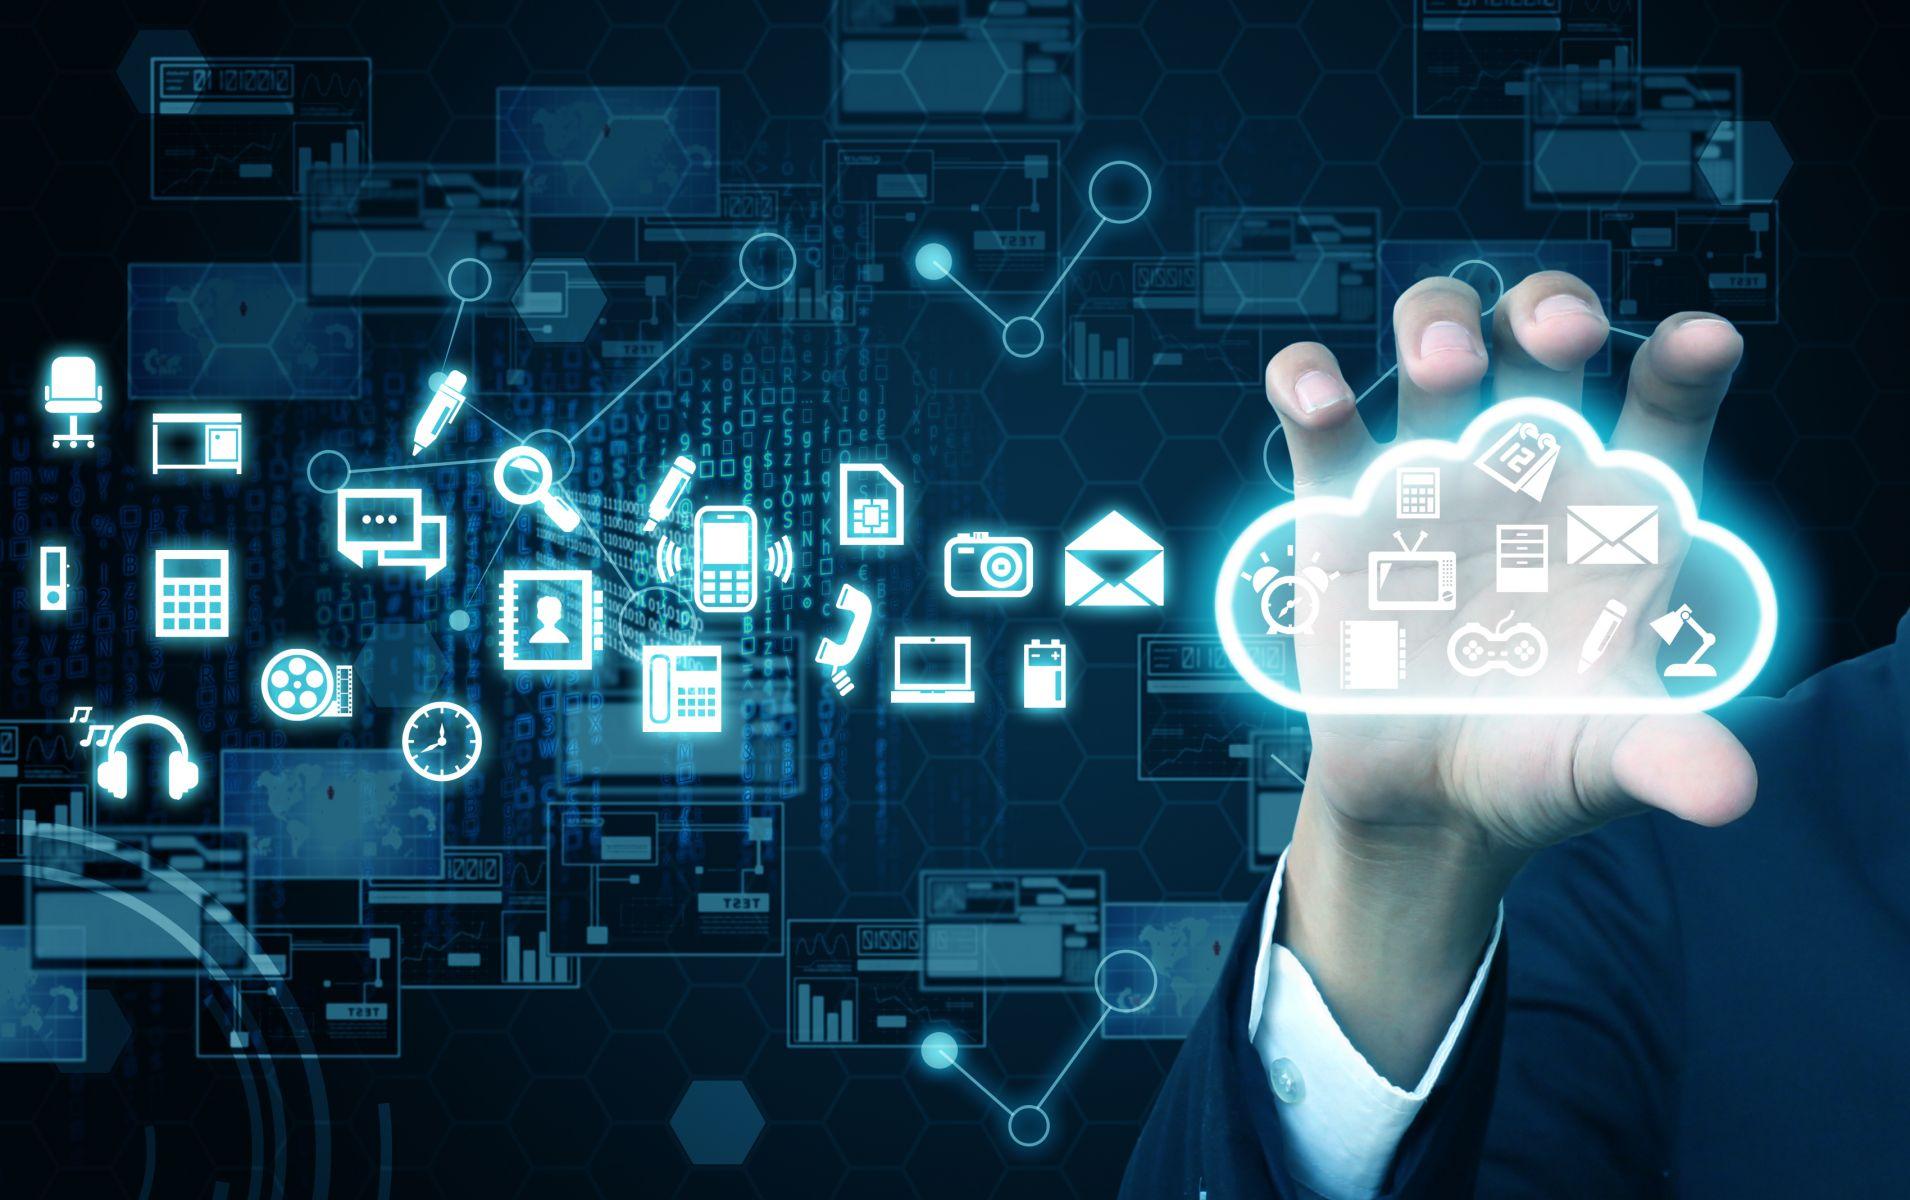 華碩向市場證明有能力建立完整雲端系統